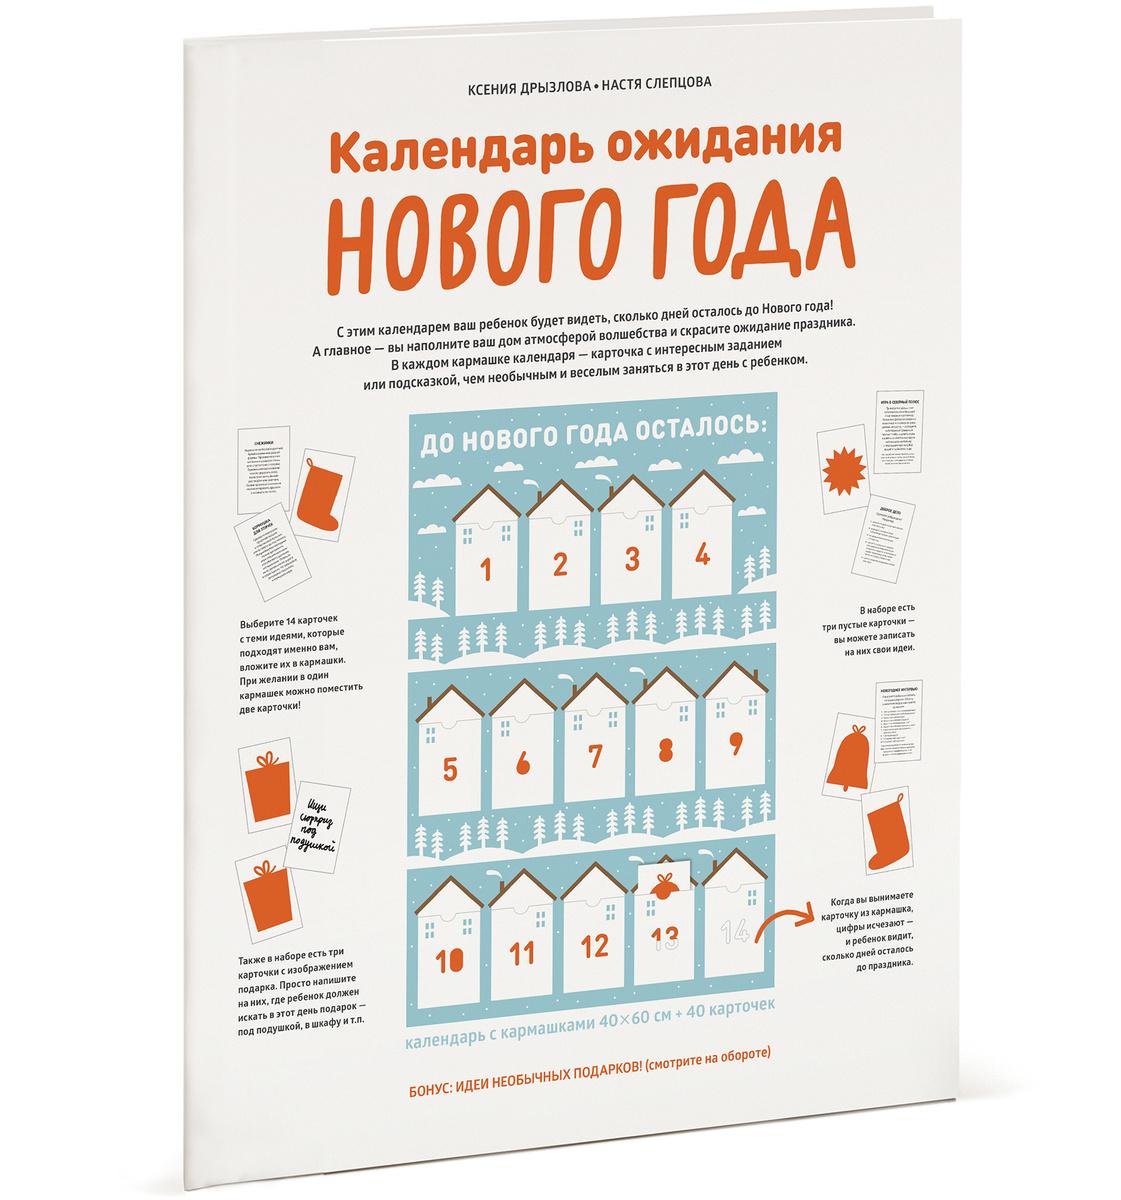 Календарь ожидания Нового года | Слепцова Анастасия, Дрызлова Ксения А.  #1